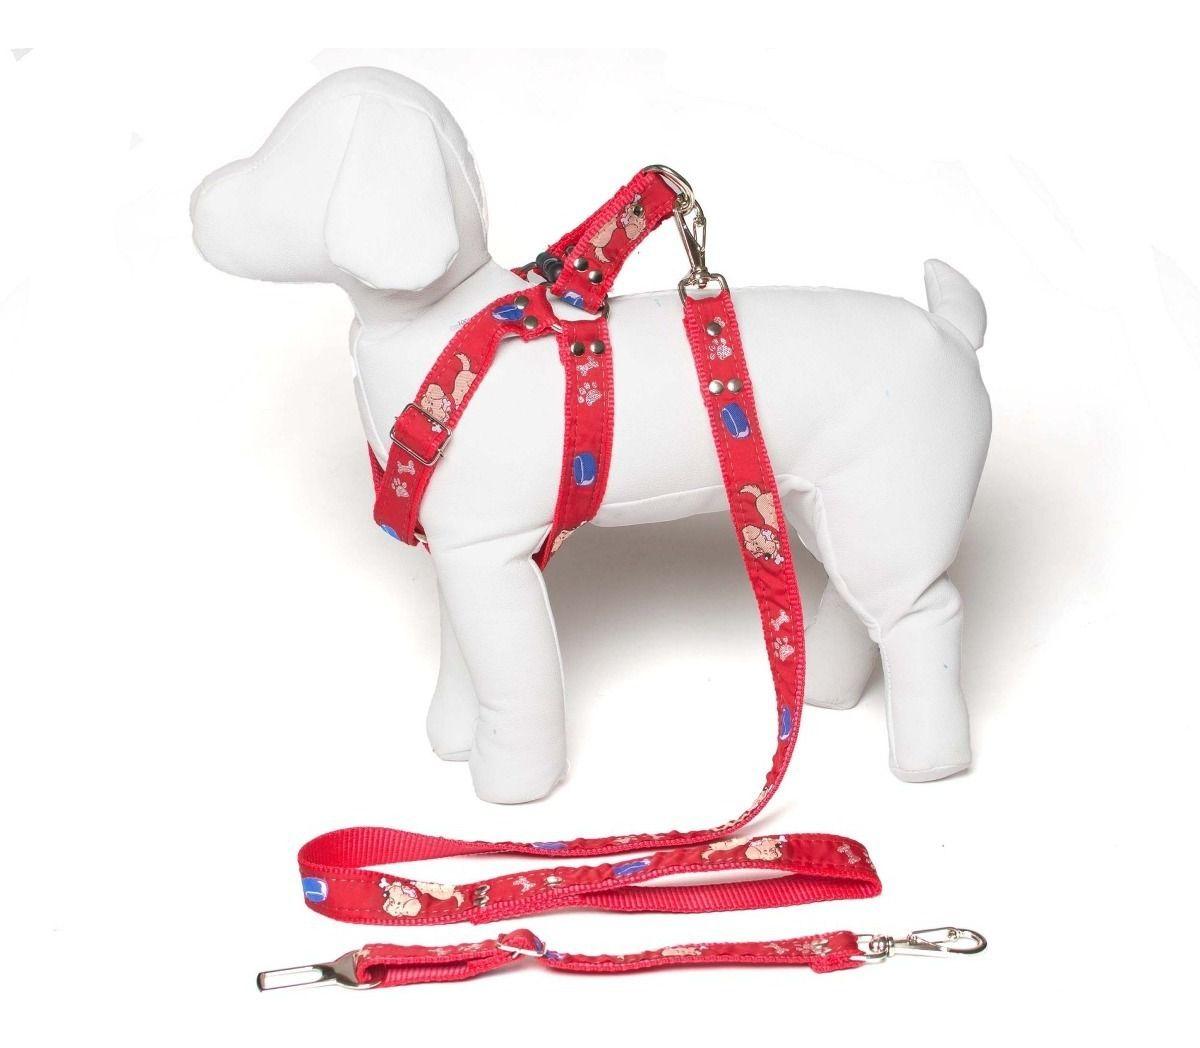 Coleira Peitoral Cachorro Guia Adaptador Cinto Segurança Tamanho P - Cor Vermelho